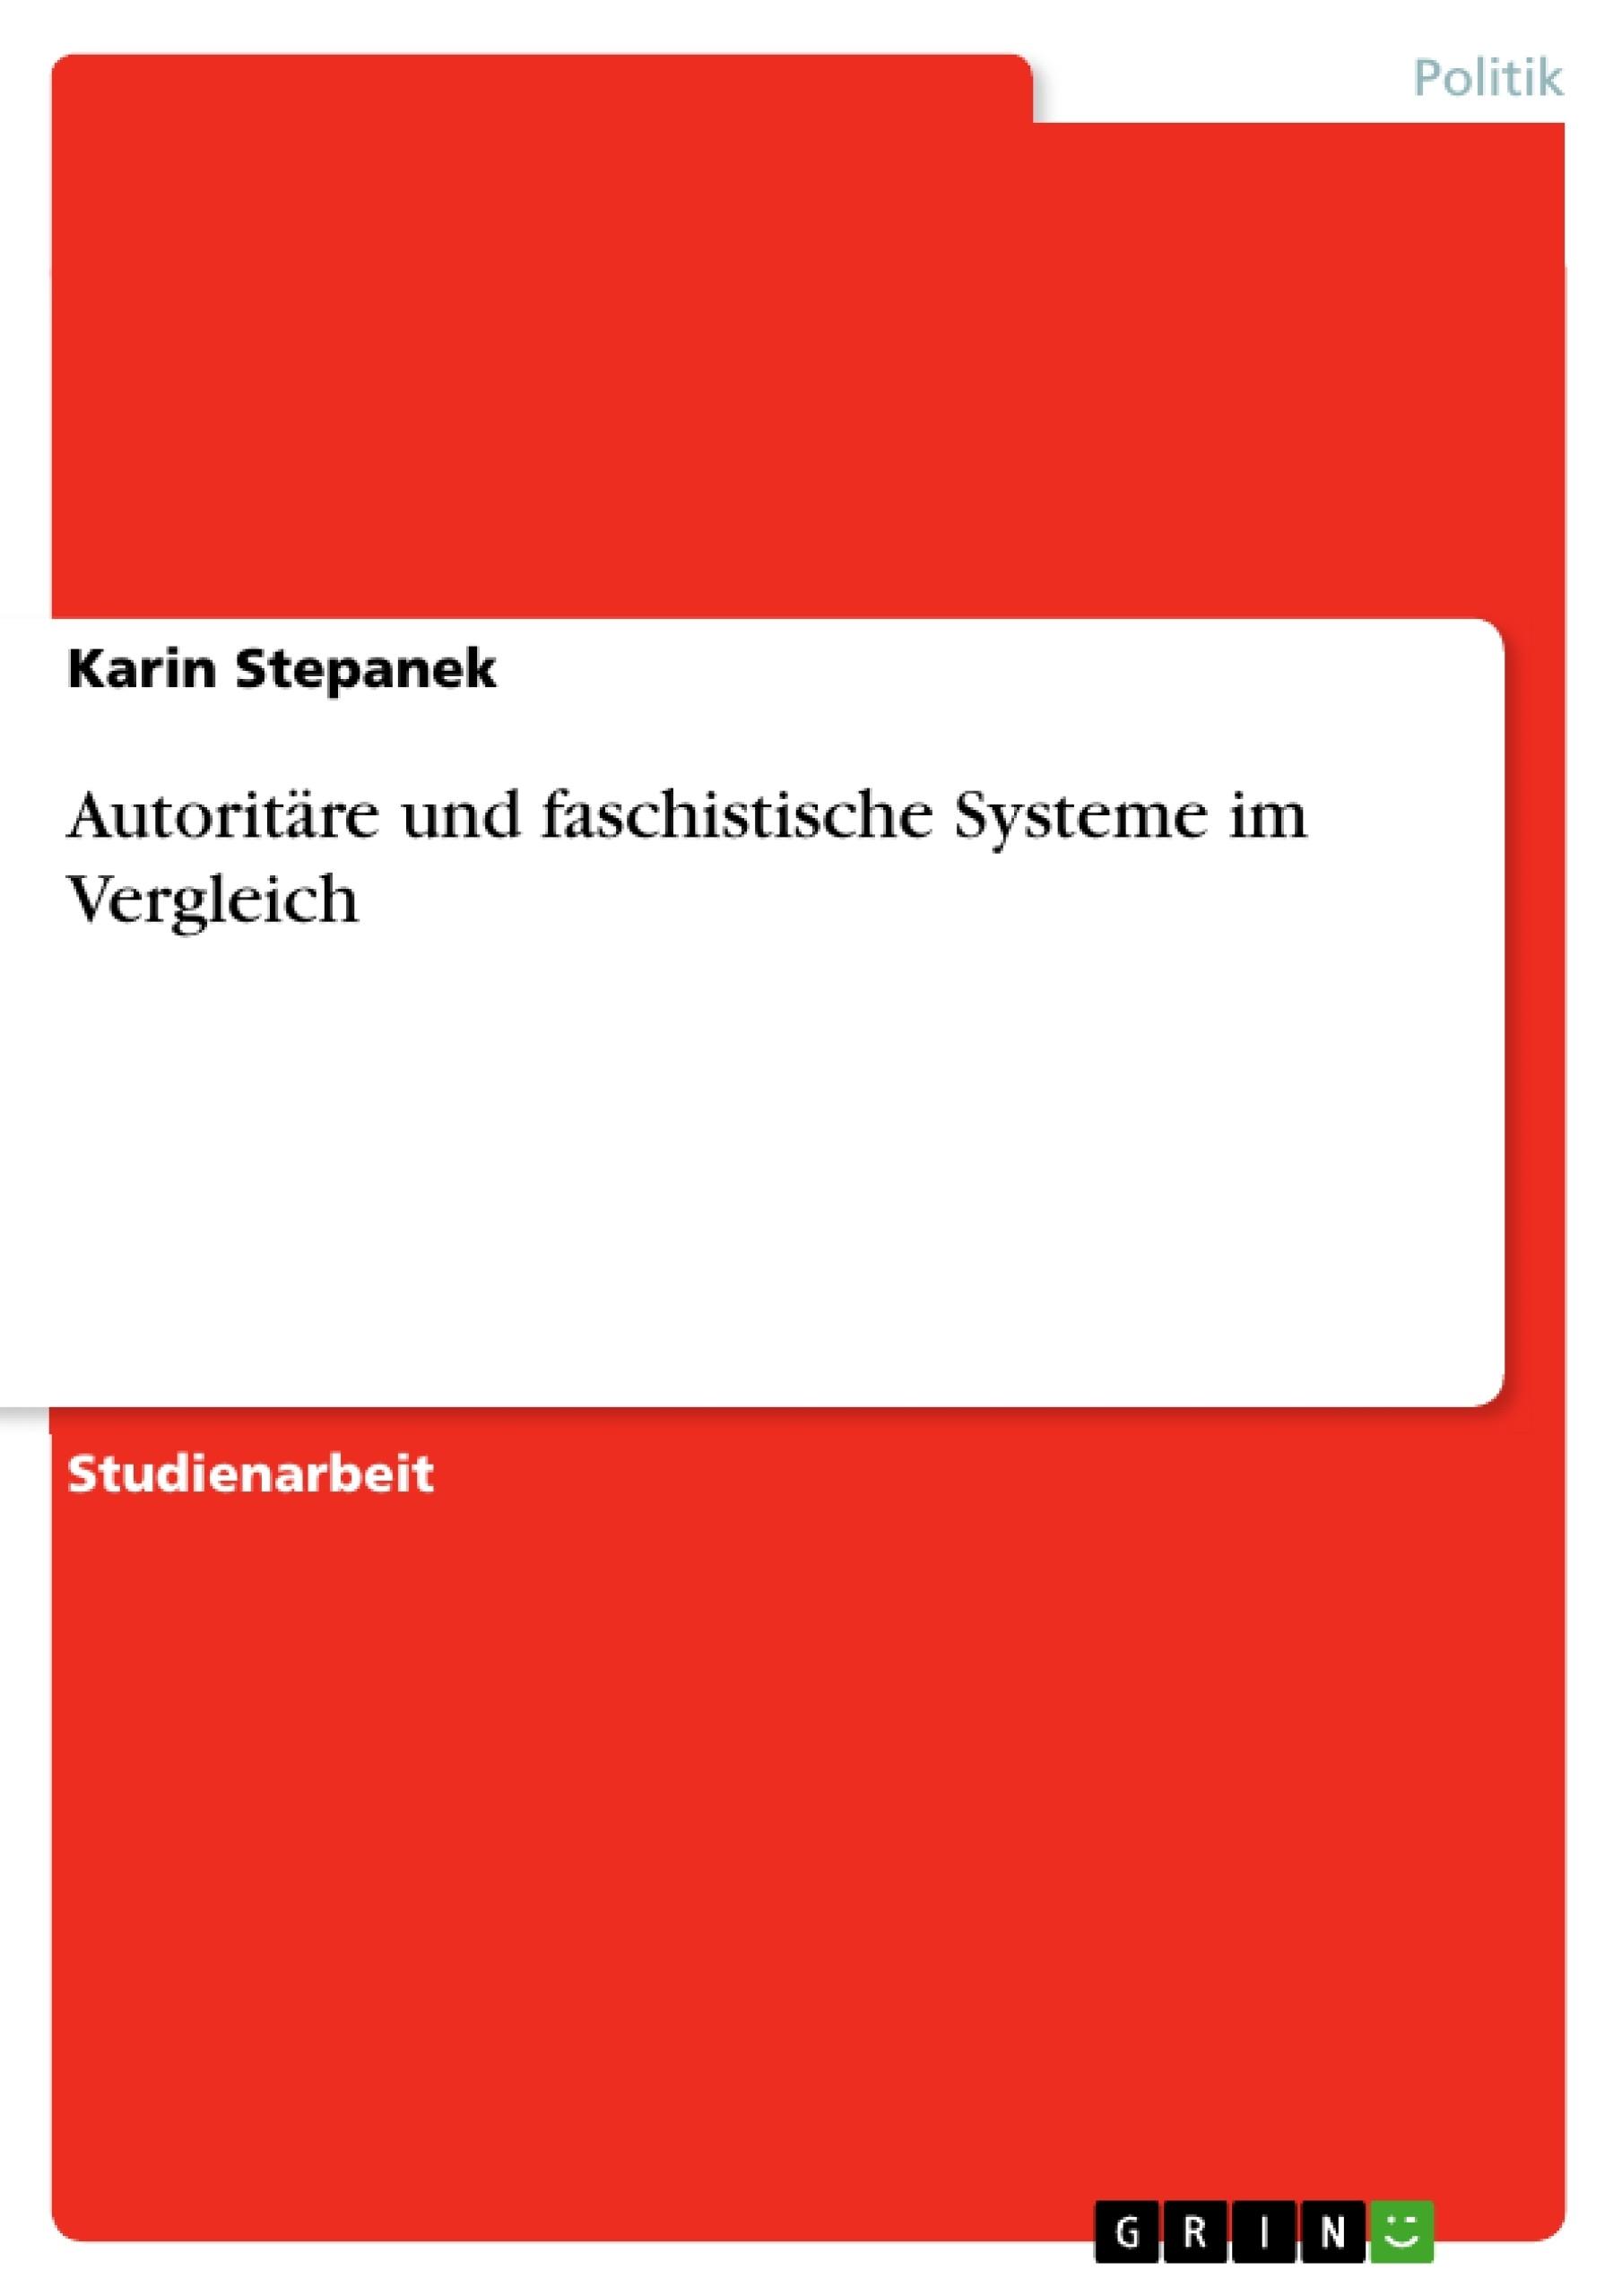 Titel: Autoritäre und faschistische Systeme im Vergleich